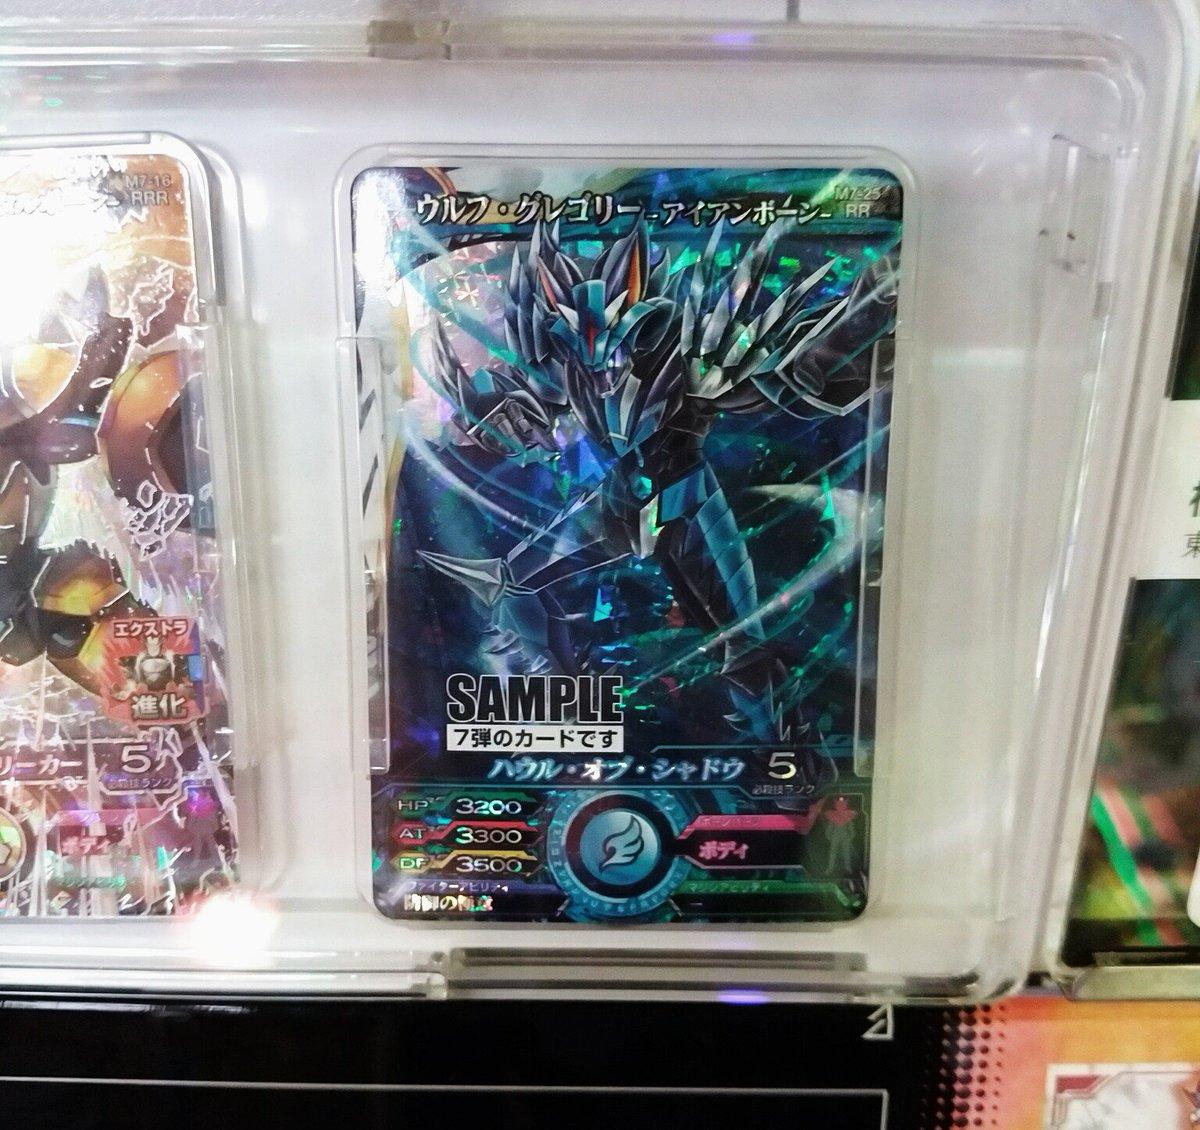 映画館の中にあるゲーセンで、マジンボーンのゲーム見つけた!ウルフとタイガーのカードが飾ってあったから写真撮ってしまったw